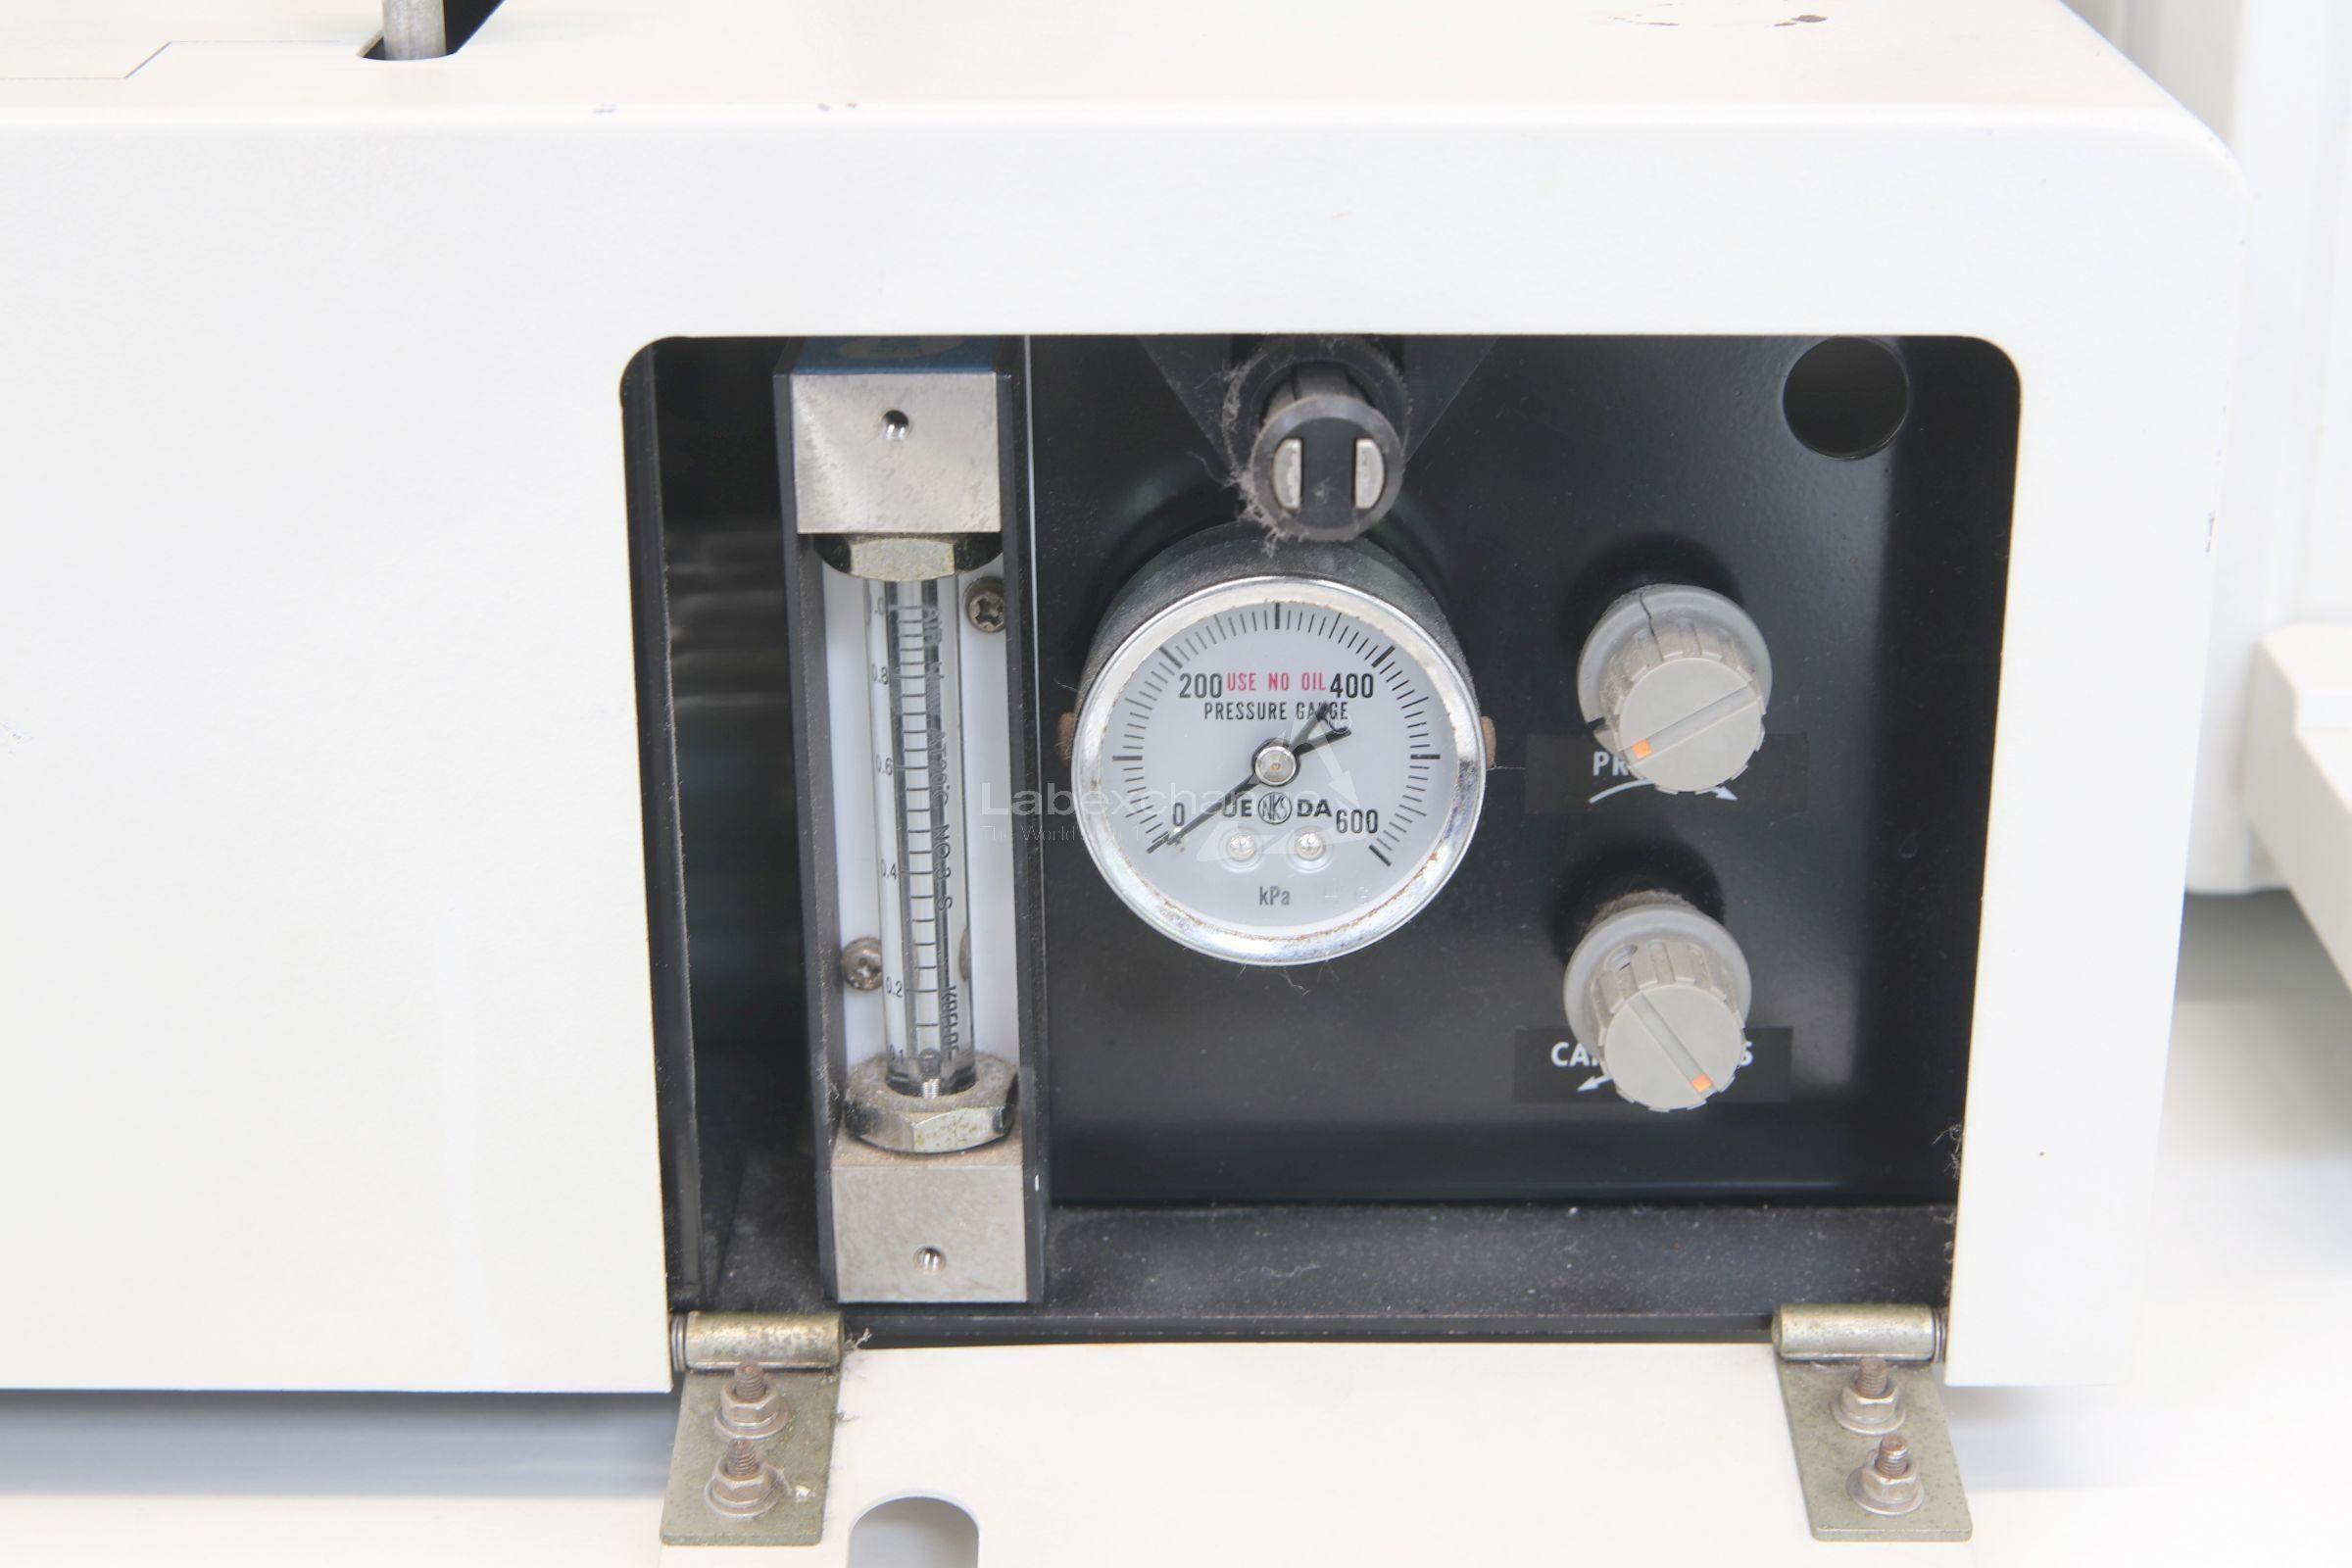 Shimadzu TOC-5000A